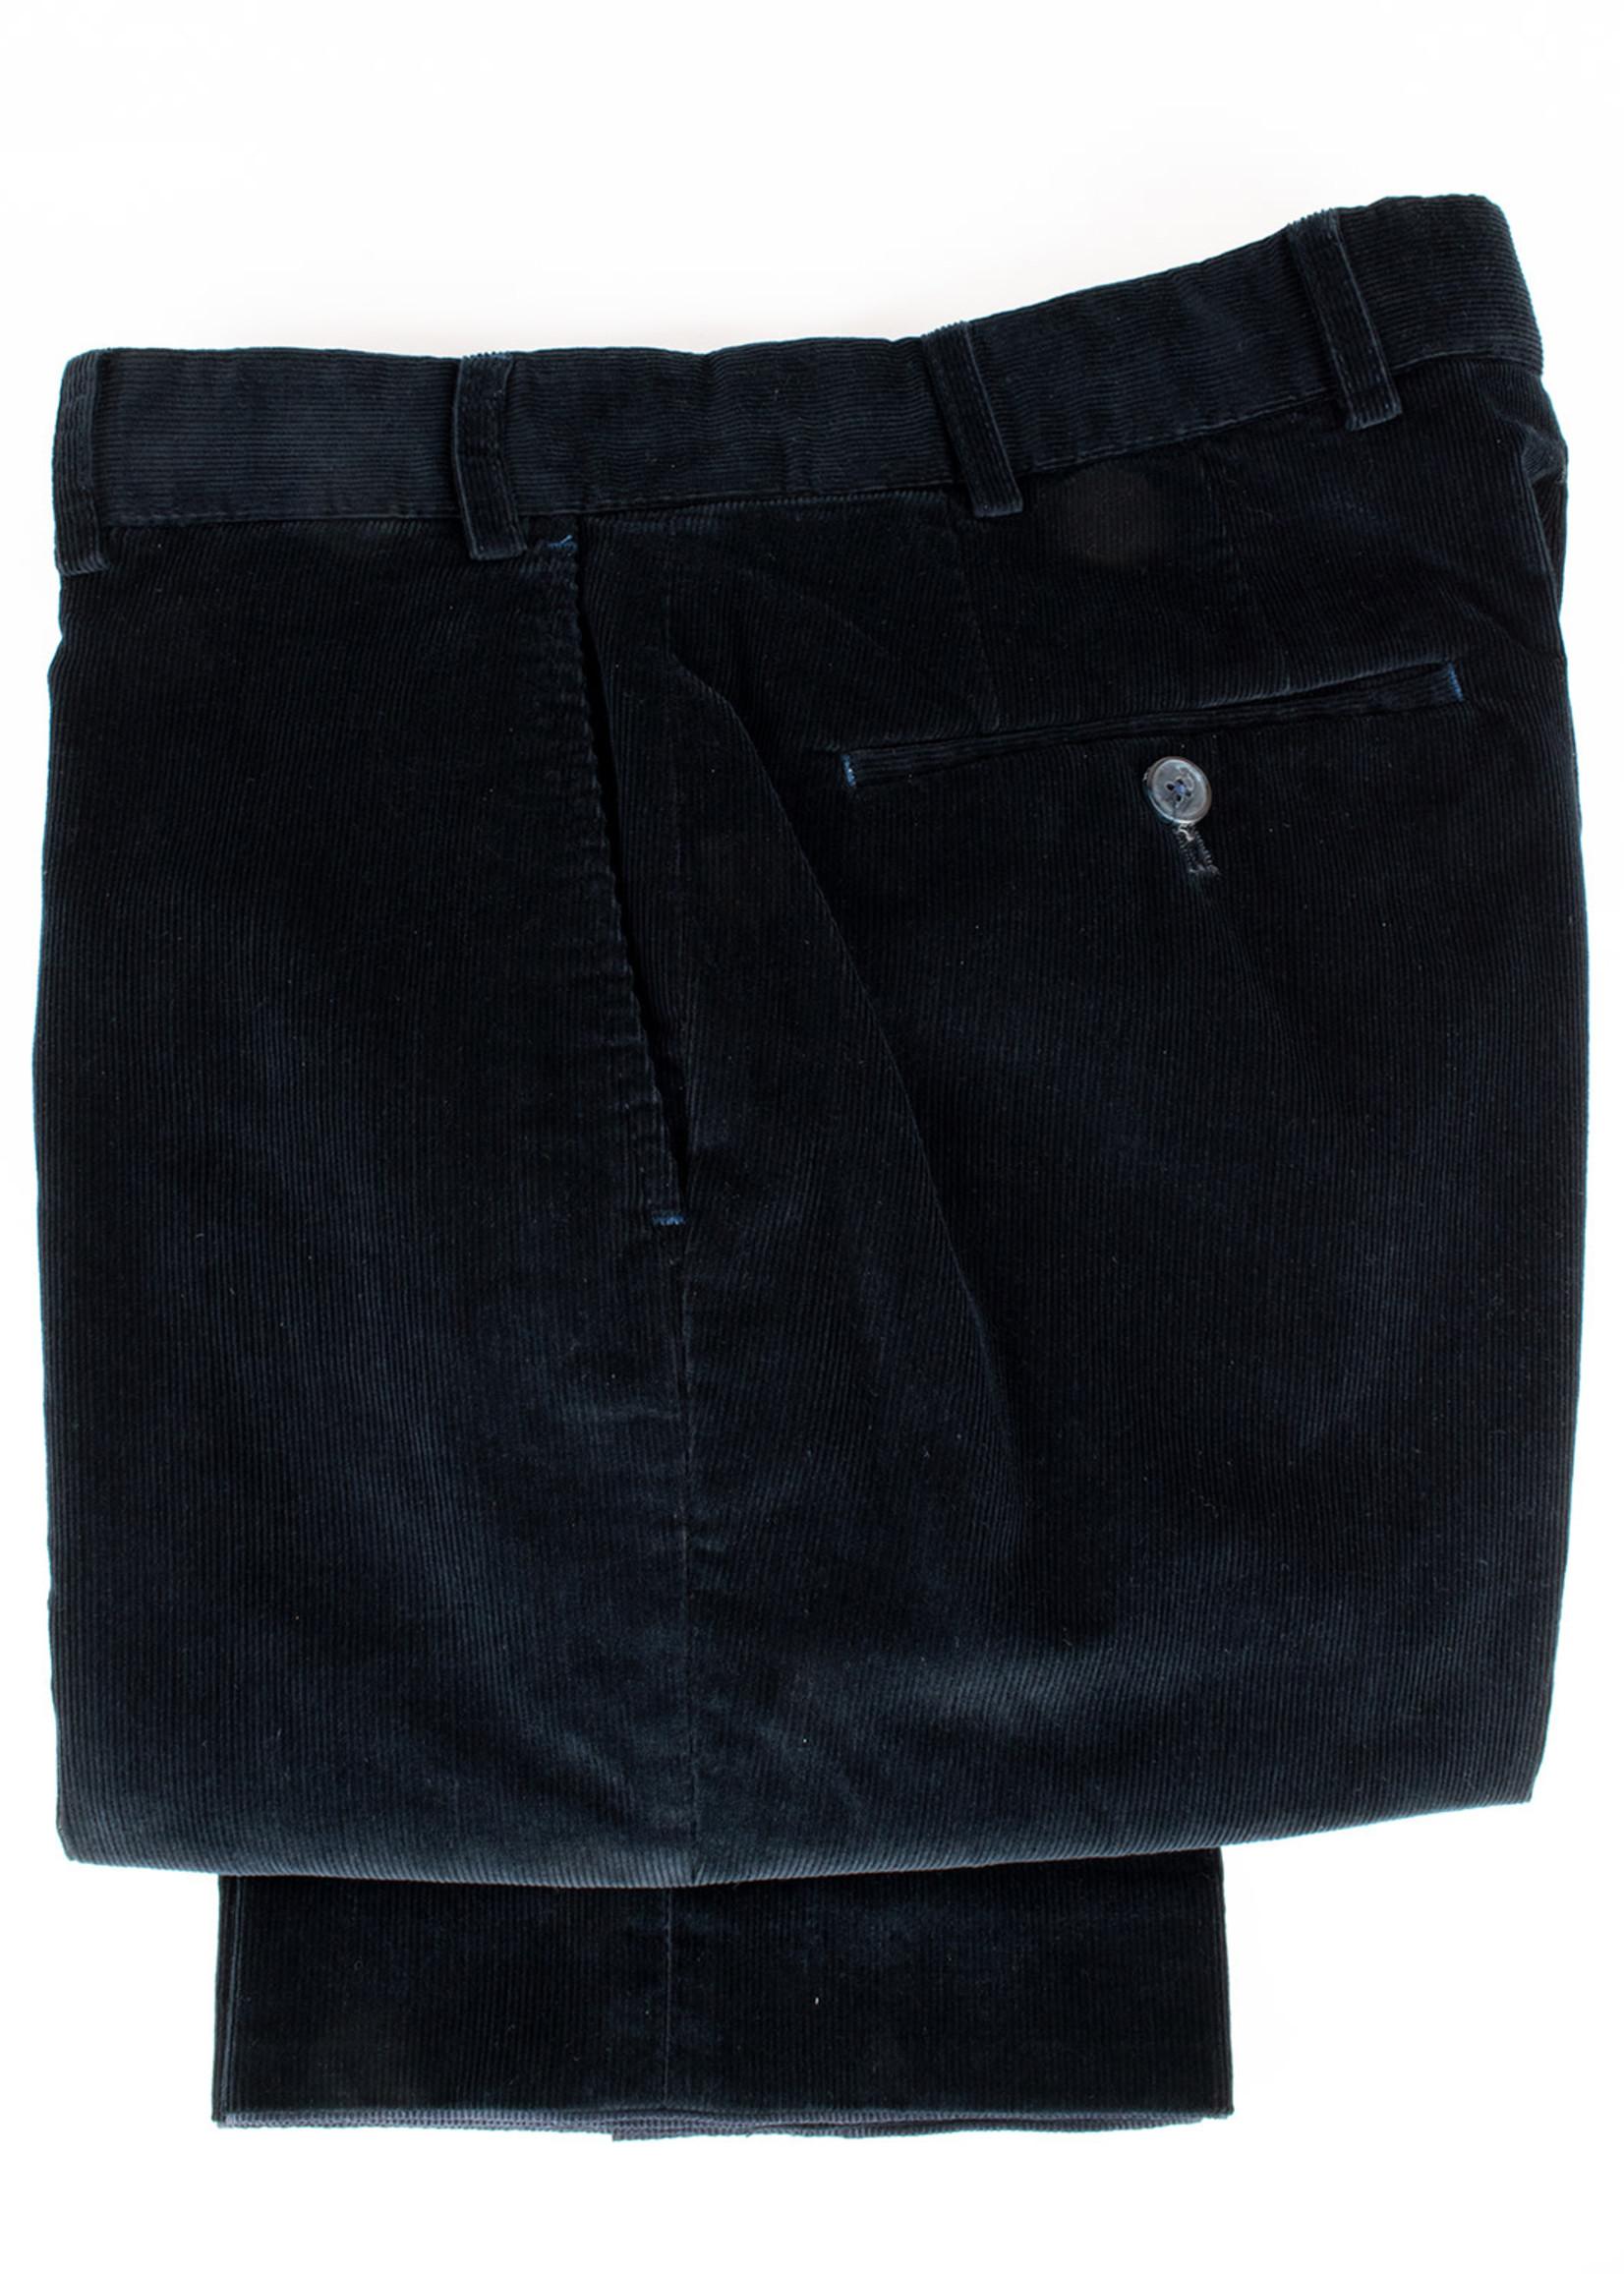 Hiltl Parma Pant Graphite Cotton Elastane Pin Corduroy by Hiltl